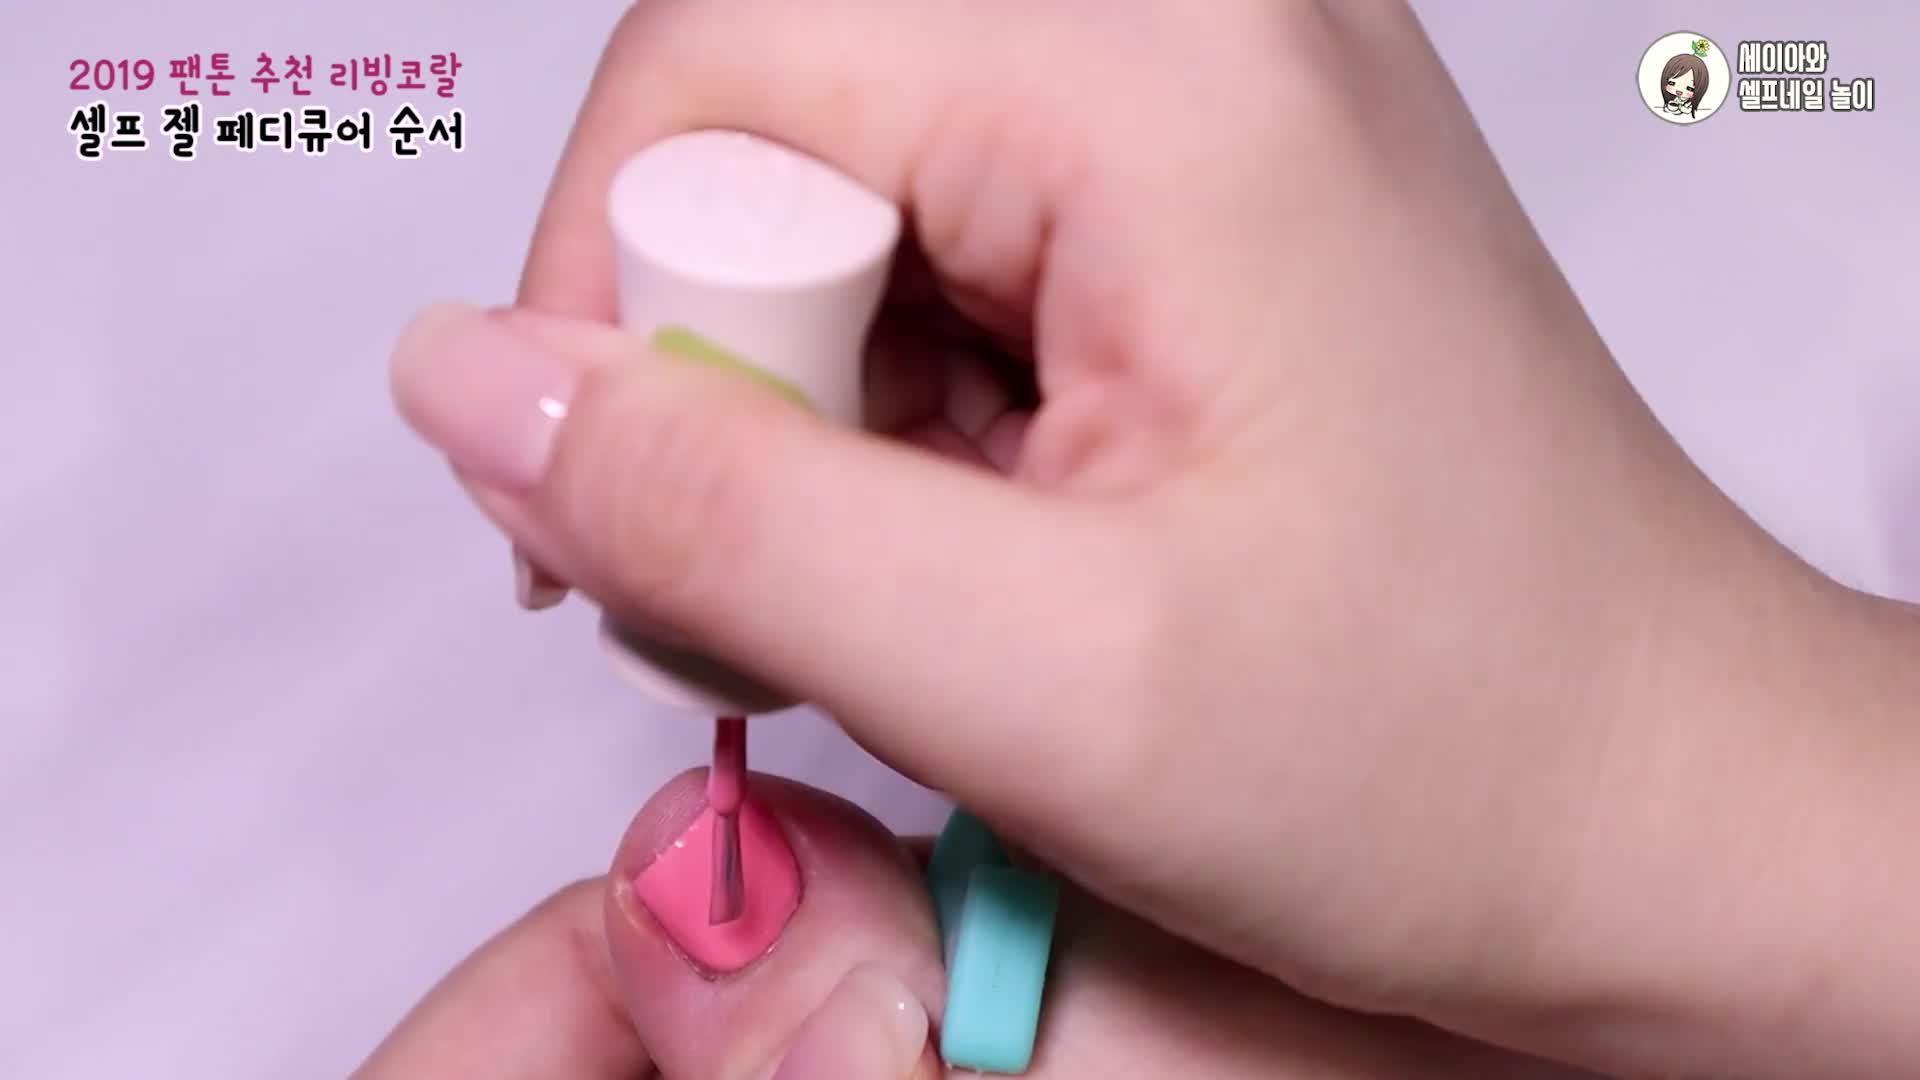 [1분팁] 큐티클 제거 생략하고 셀프 젤 페디큐어 / self gel pedicure no cuticle care